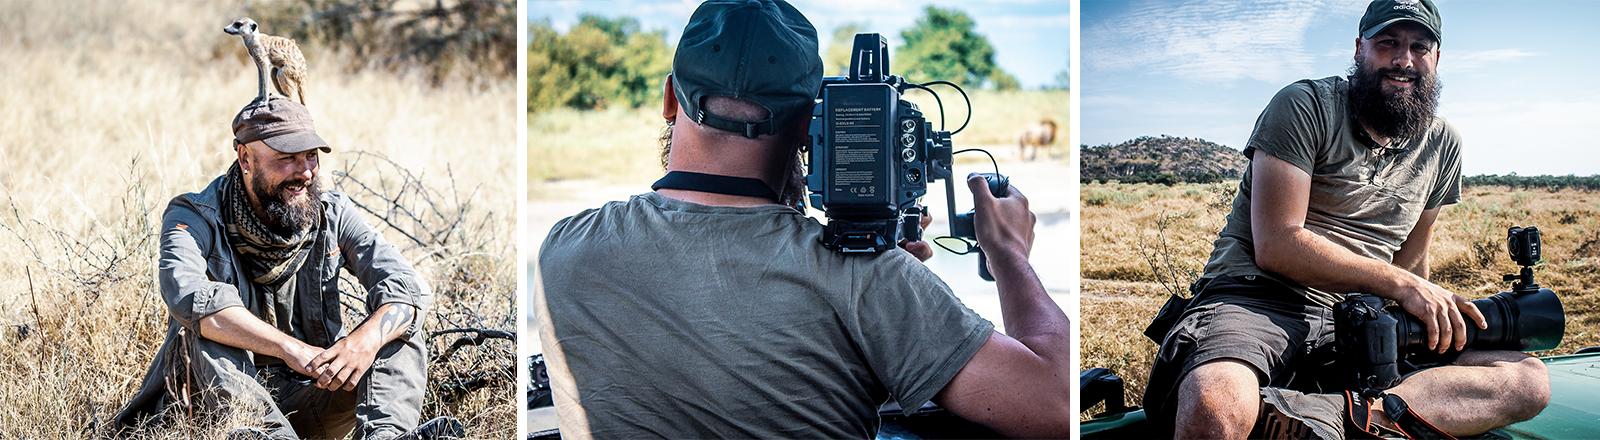 Der Wildtier-Fotograf Christoph Tänzer: Mit Erdmännchen auf dem Kopf, beim Fotografieren eines Löwen, lächelnd mit Kamera auf dem Schoß